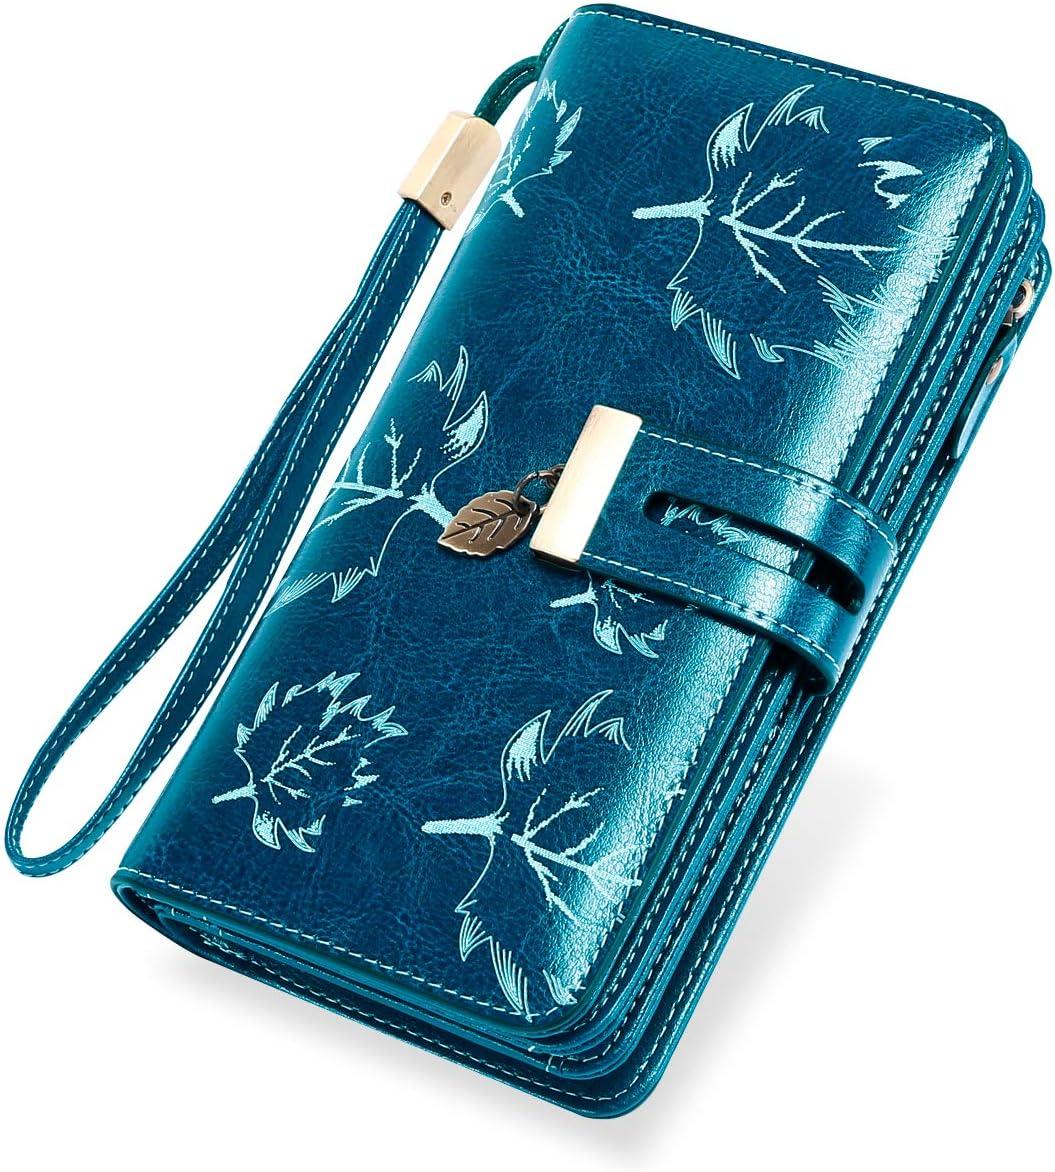 LUROON Carteras Mujer Piel, Monederos Mujer Cuero Gran Capacidad con 24 Ranuras para Tarjetas Bloqueo RFID Billeteras Mujer de Elegante y Moda Billetera Larga Mujercon Cremallera (Azul)